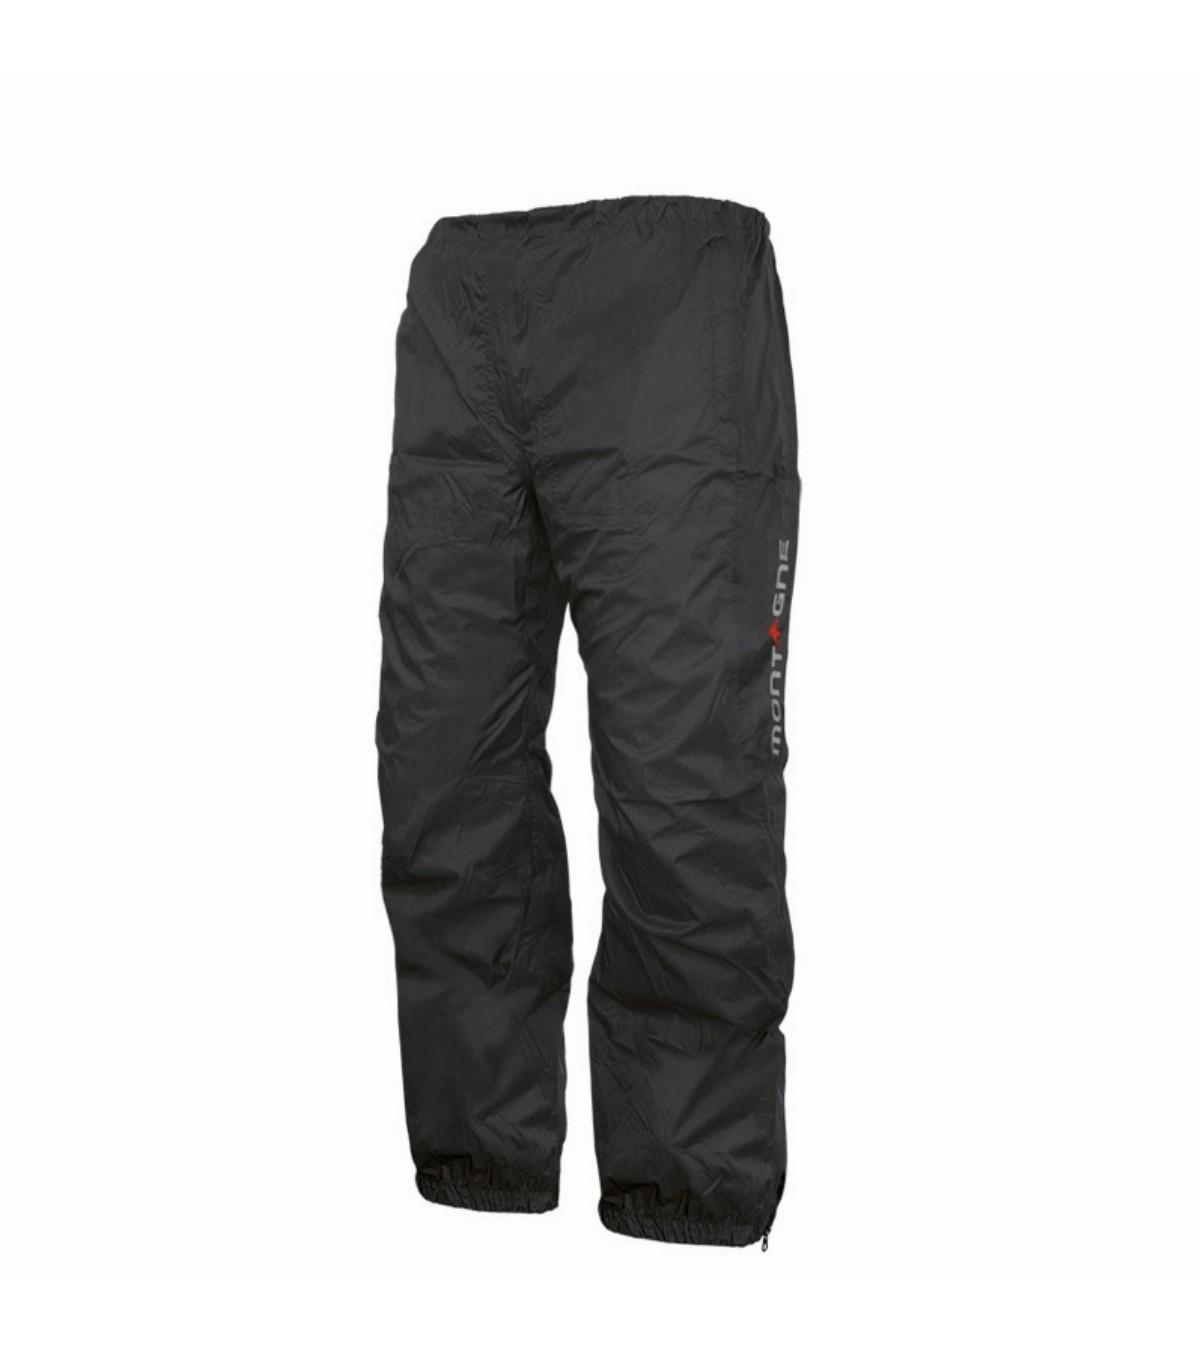 Pantalón de hombre Boreal - Pantalón de hombre Boreal 66389b522c9c